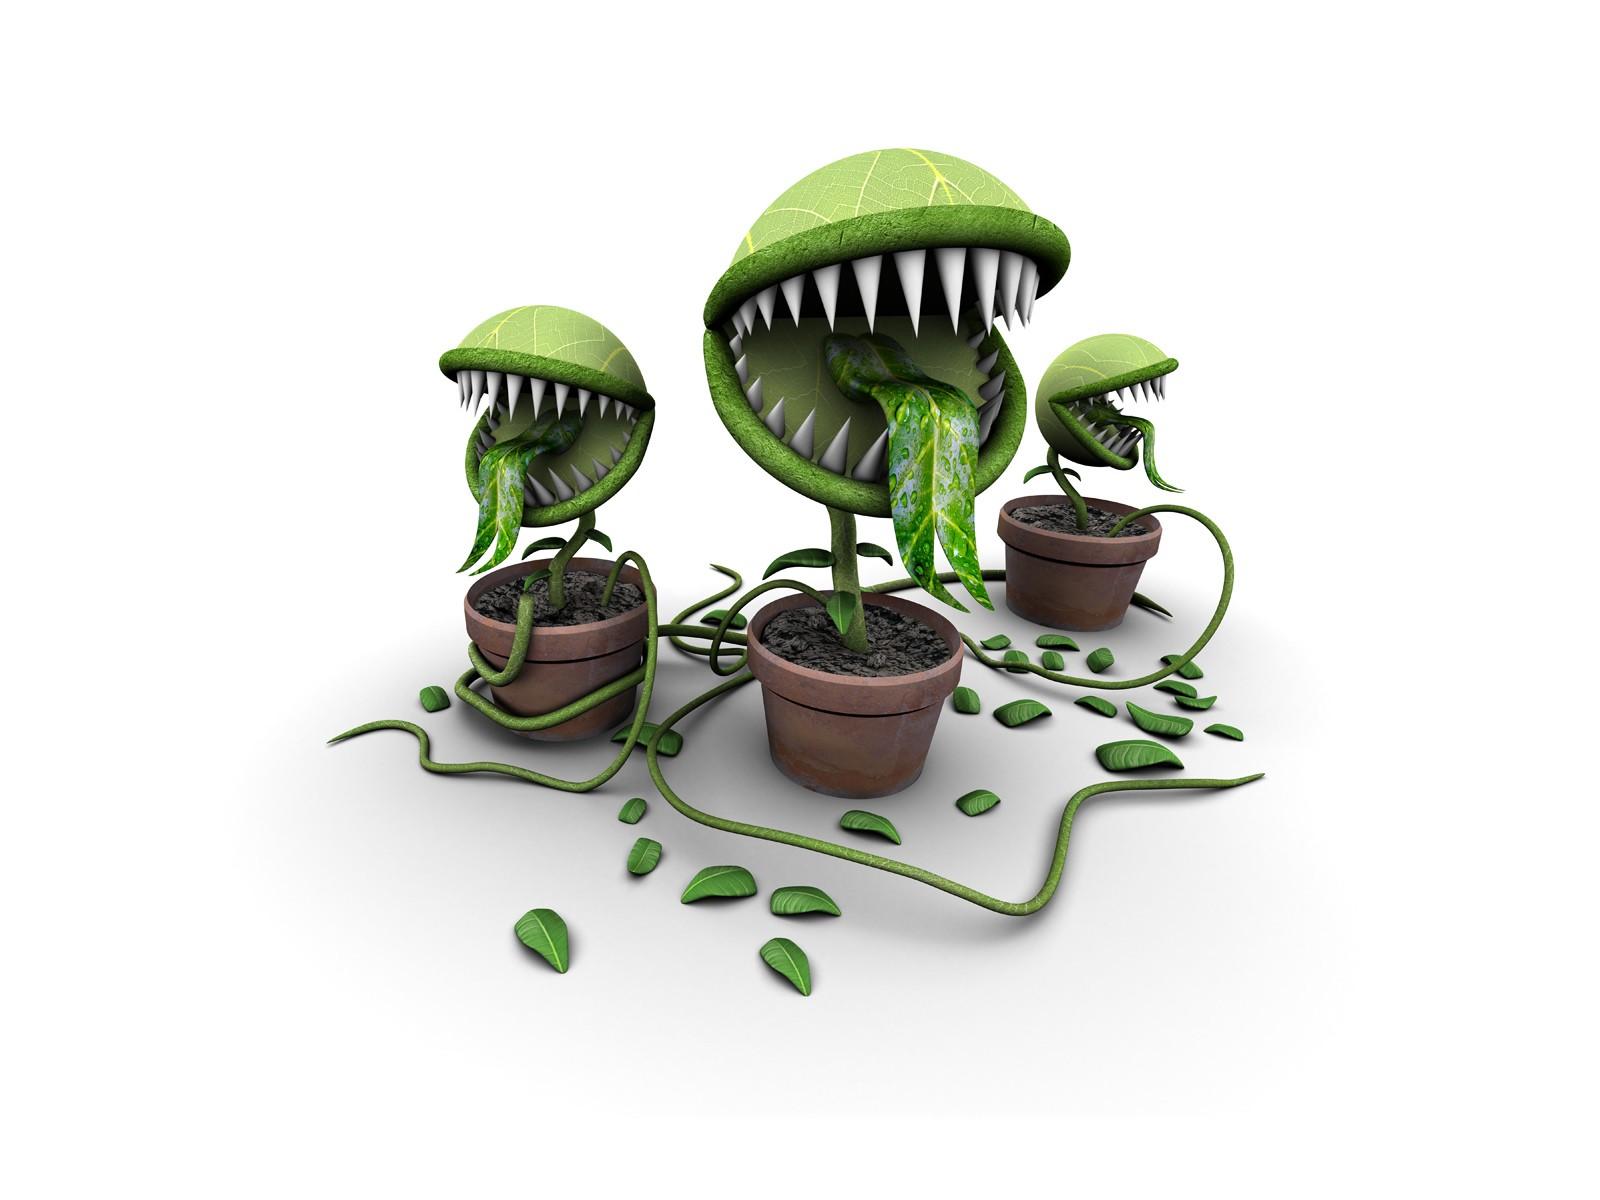 General 1600x1200 plants digital art